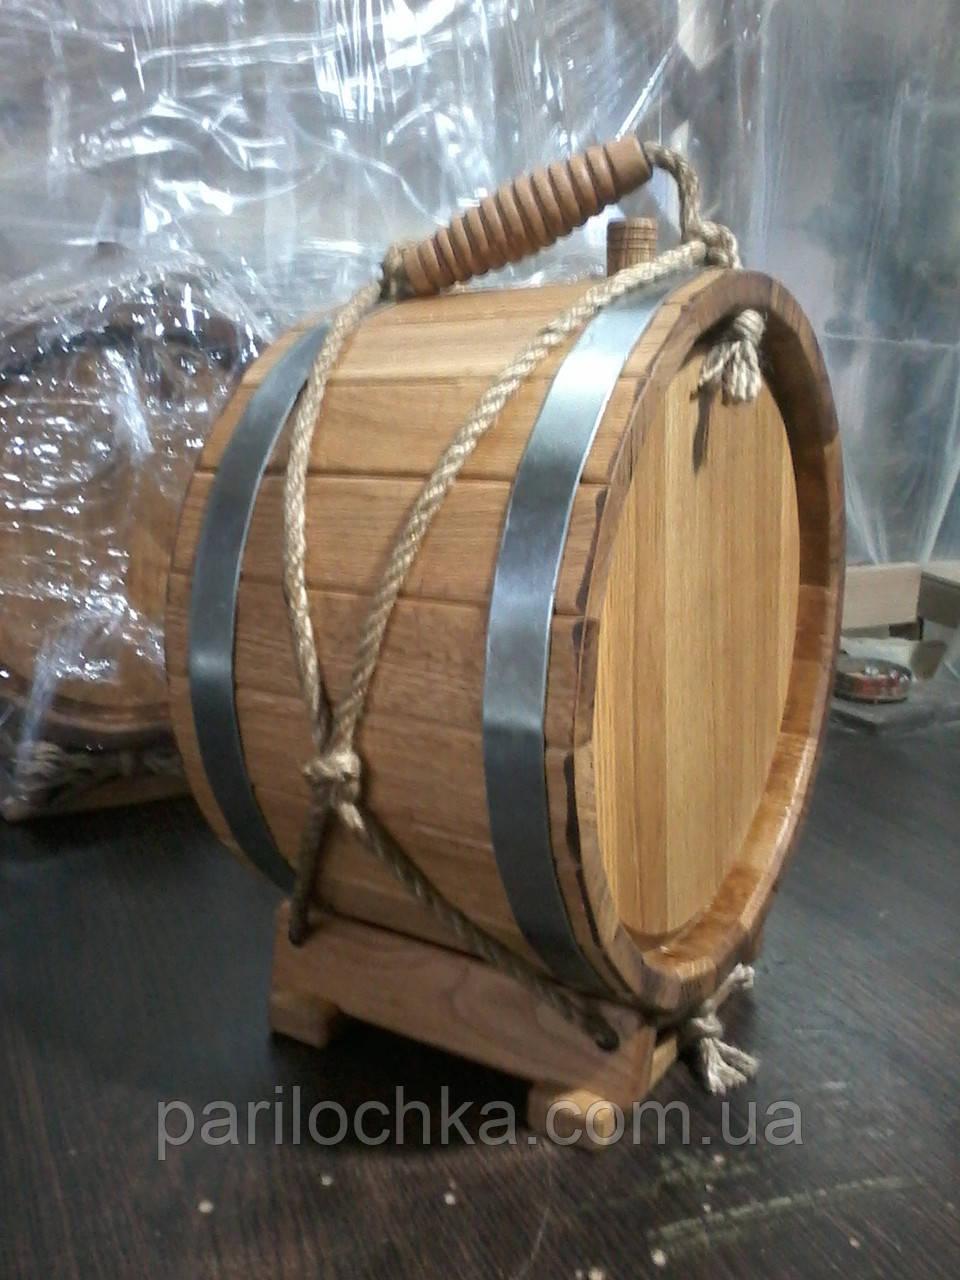 Деревянная баклага для вина